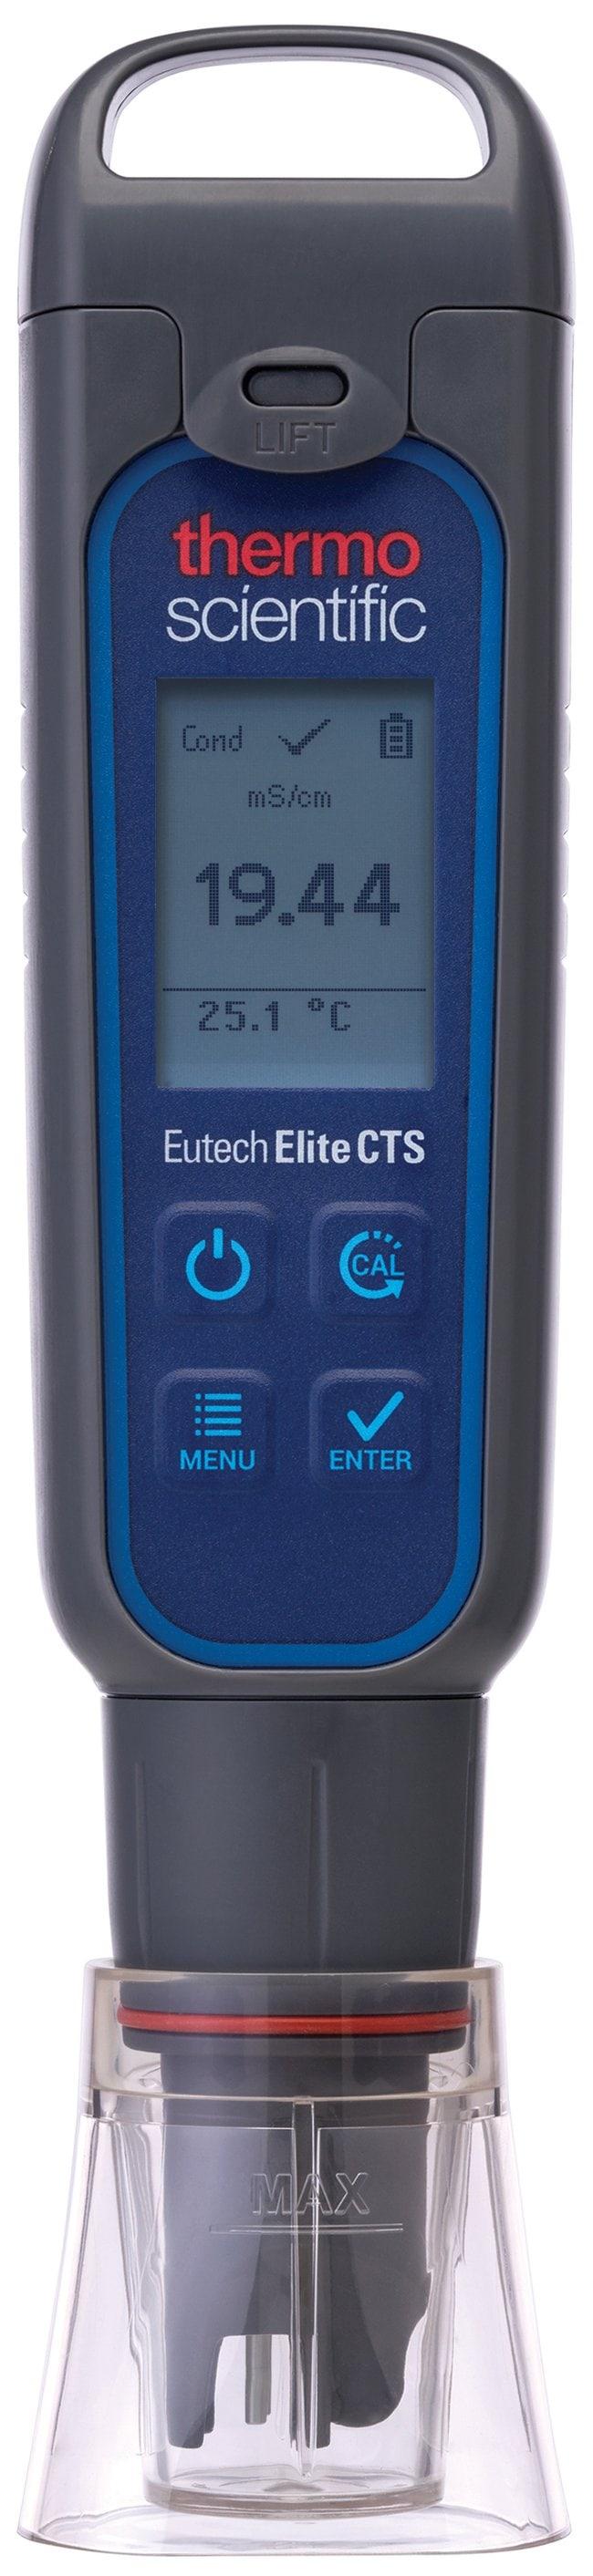 Thermo Scientific™Elite CTS Pin-Sensor-Taschenprüfgeräte für Leitfähigkeit/TDS/Salinität und Ersatzsensoren  Produkte